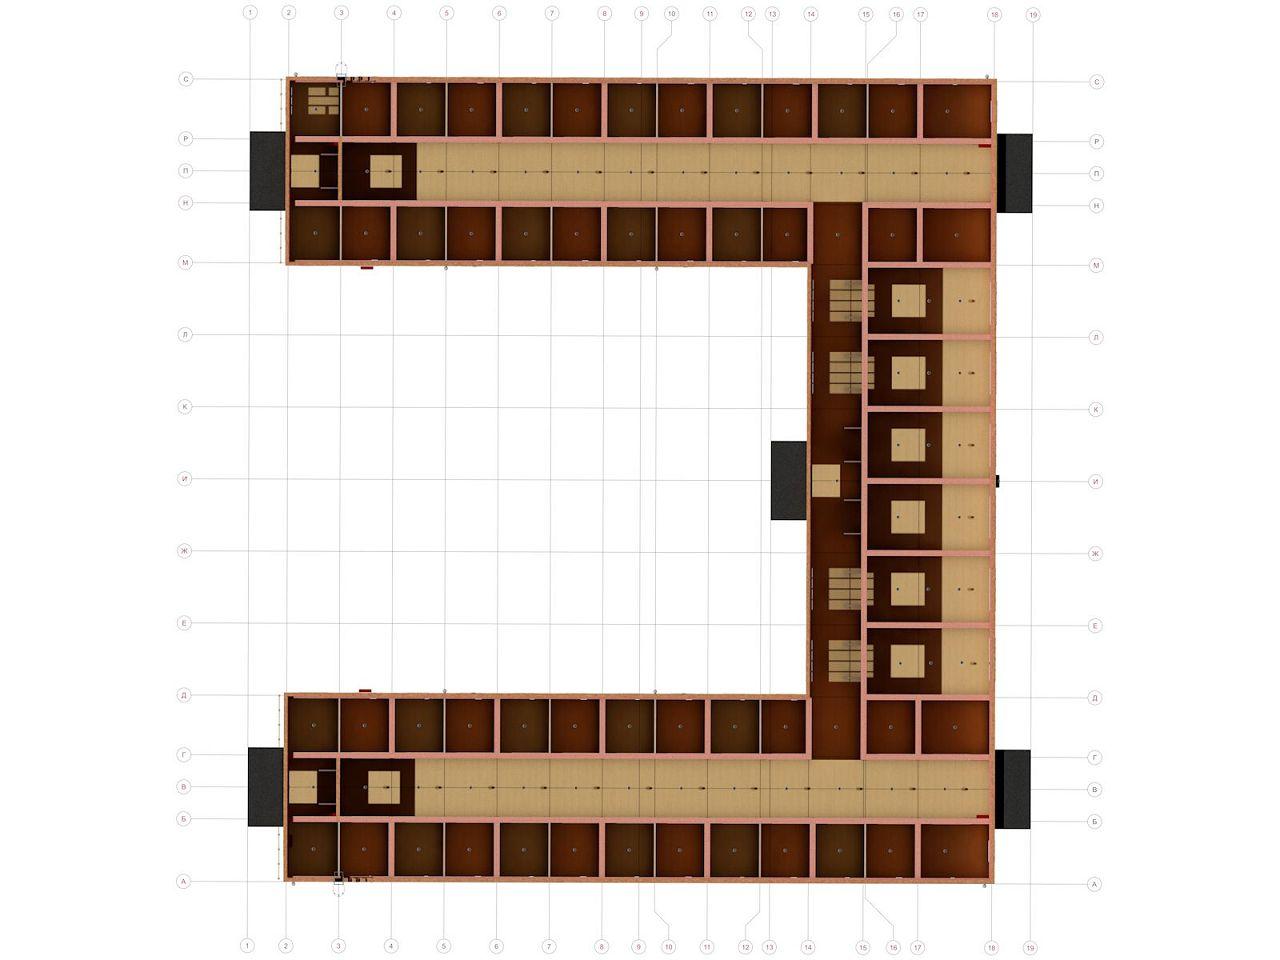 План первого этажа конюшни